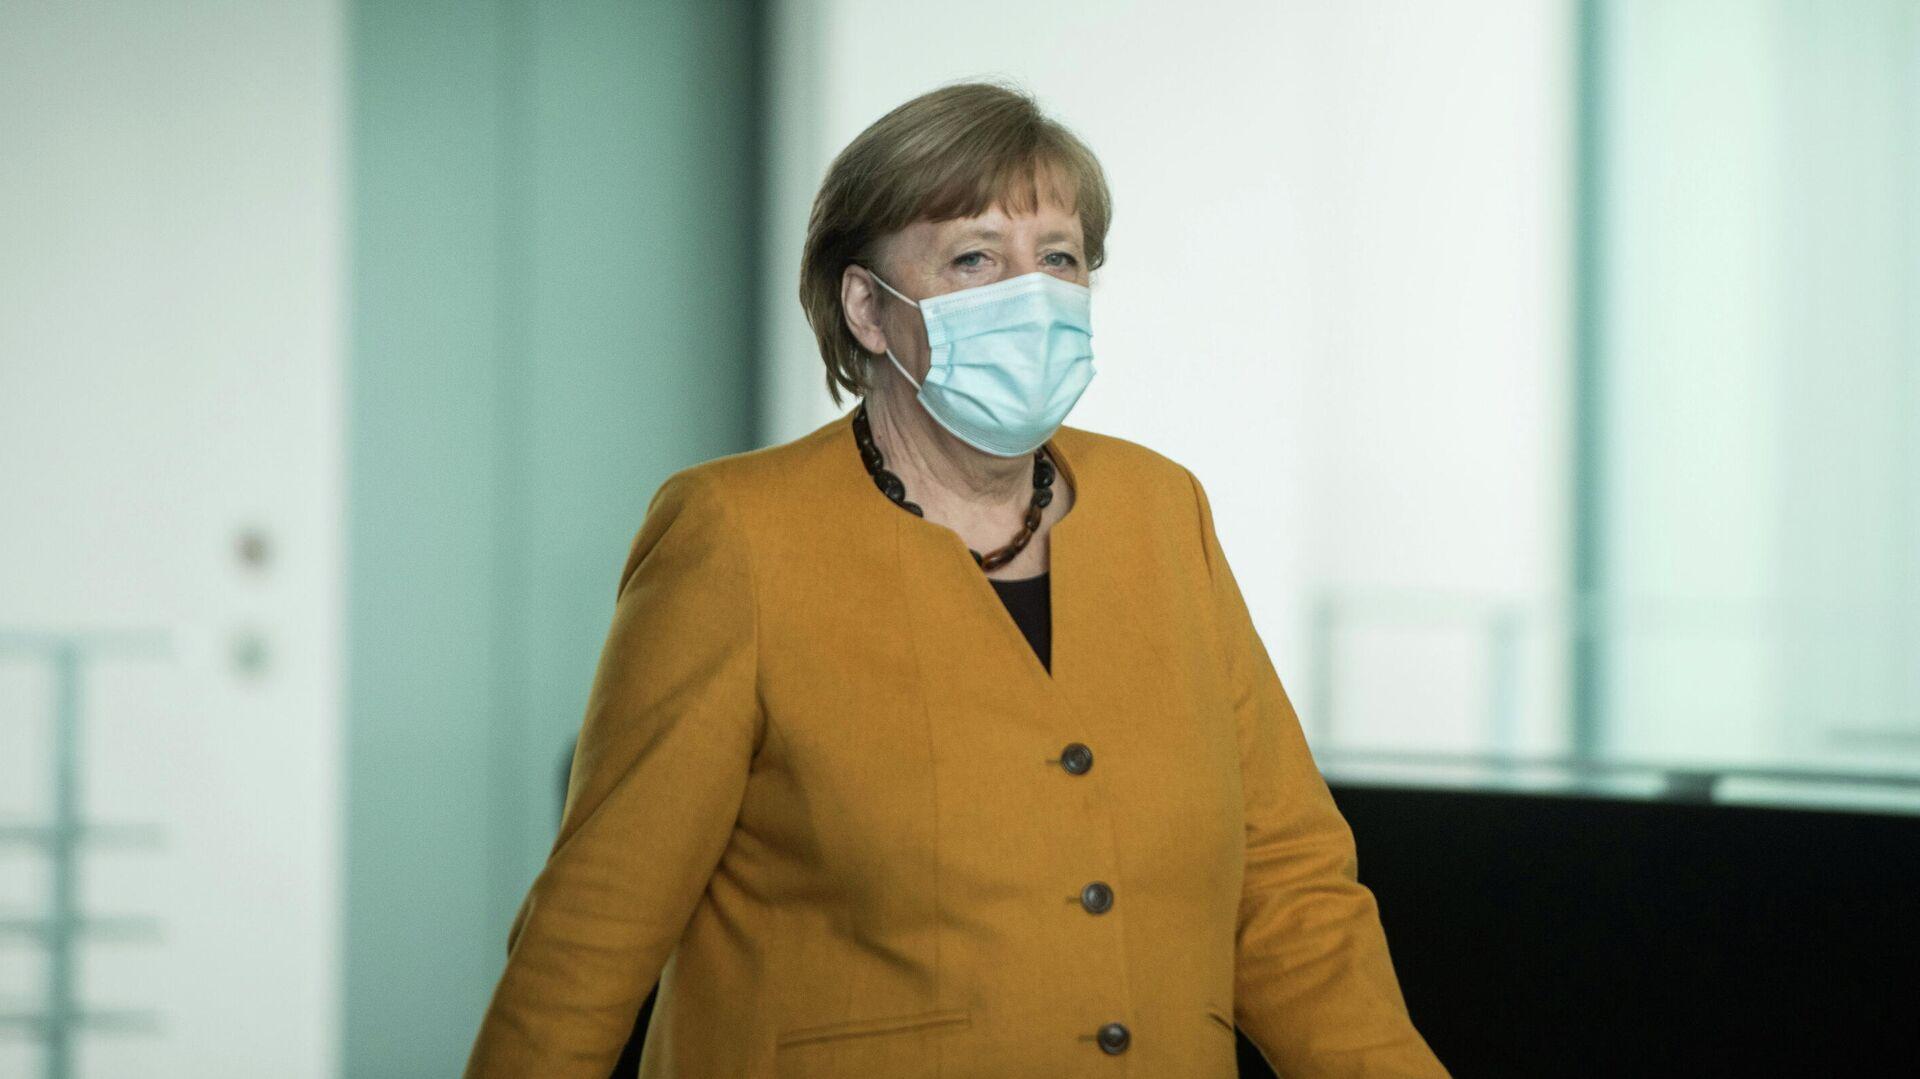 Канцлер Германии Ангела Меркель в Берлине. 24 марта 2021  - РИА Новости, 1920, 31.03.2021